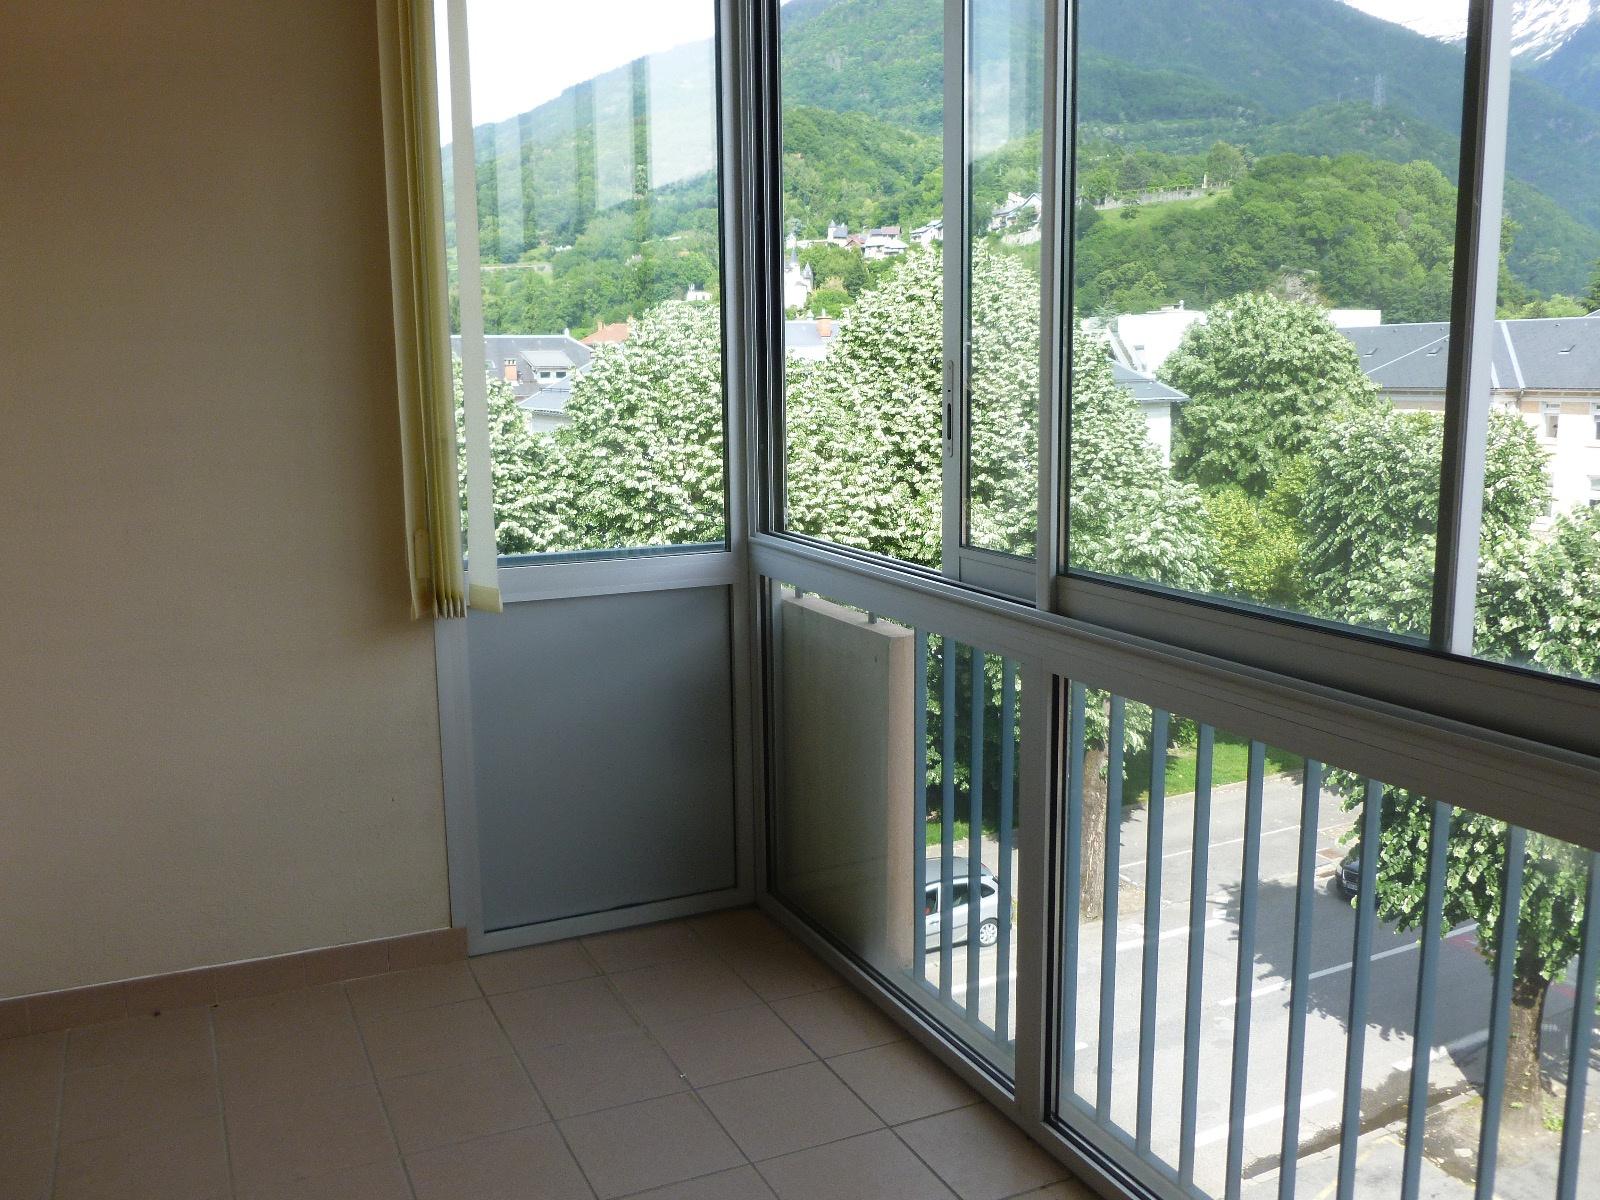 Vente appartement t1 40m2 avec balcon cave et garage for Appartement garage